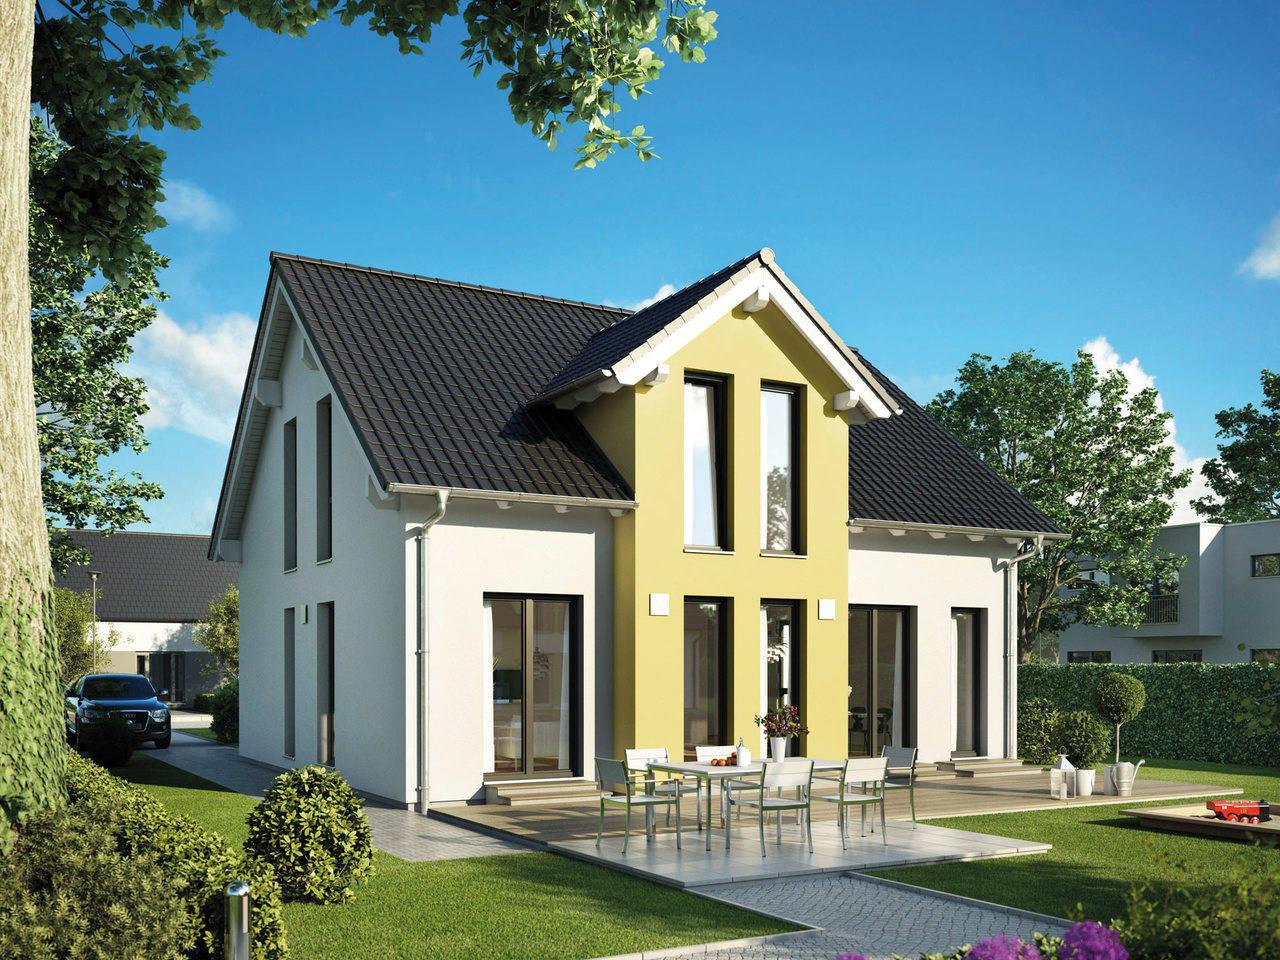 Einfamilienhaus Concept 11 von Ein SteinHaus